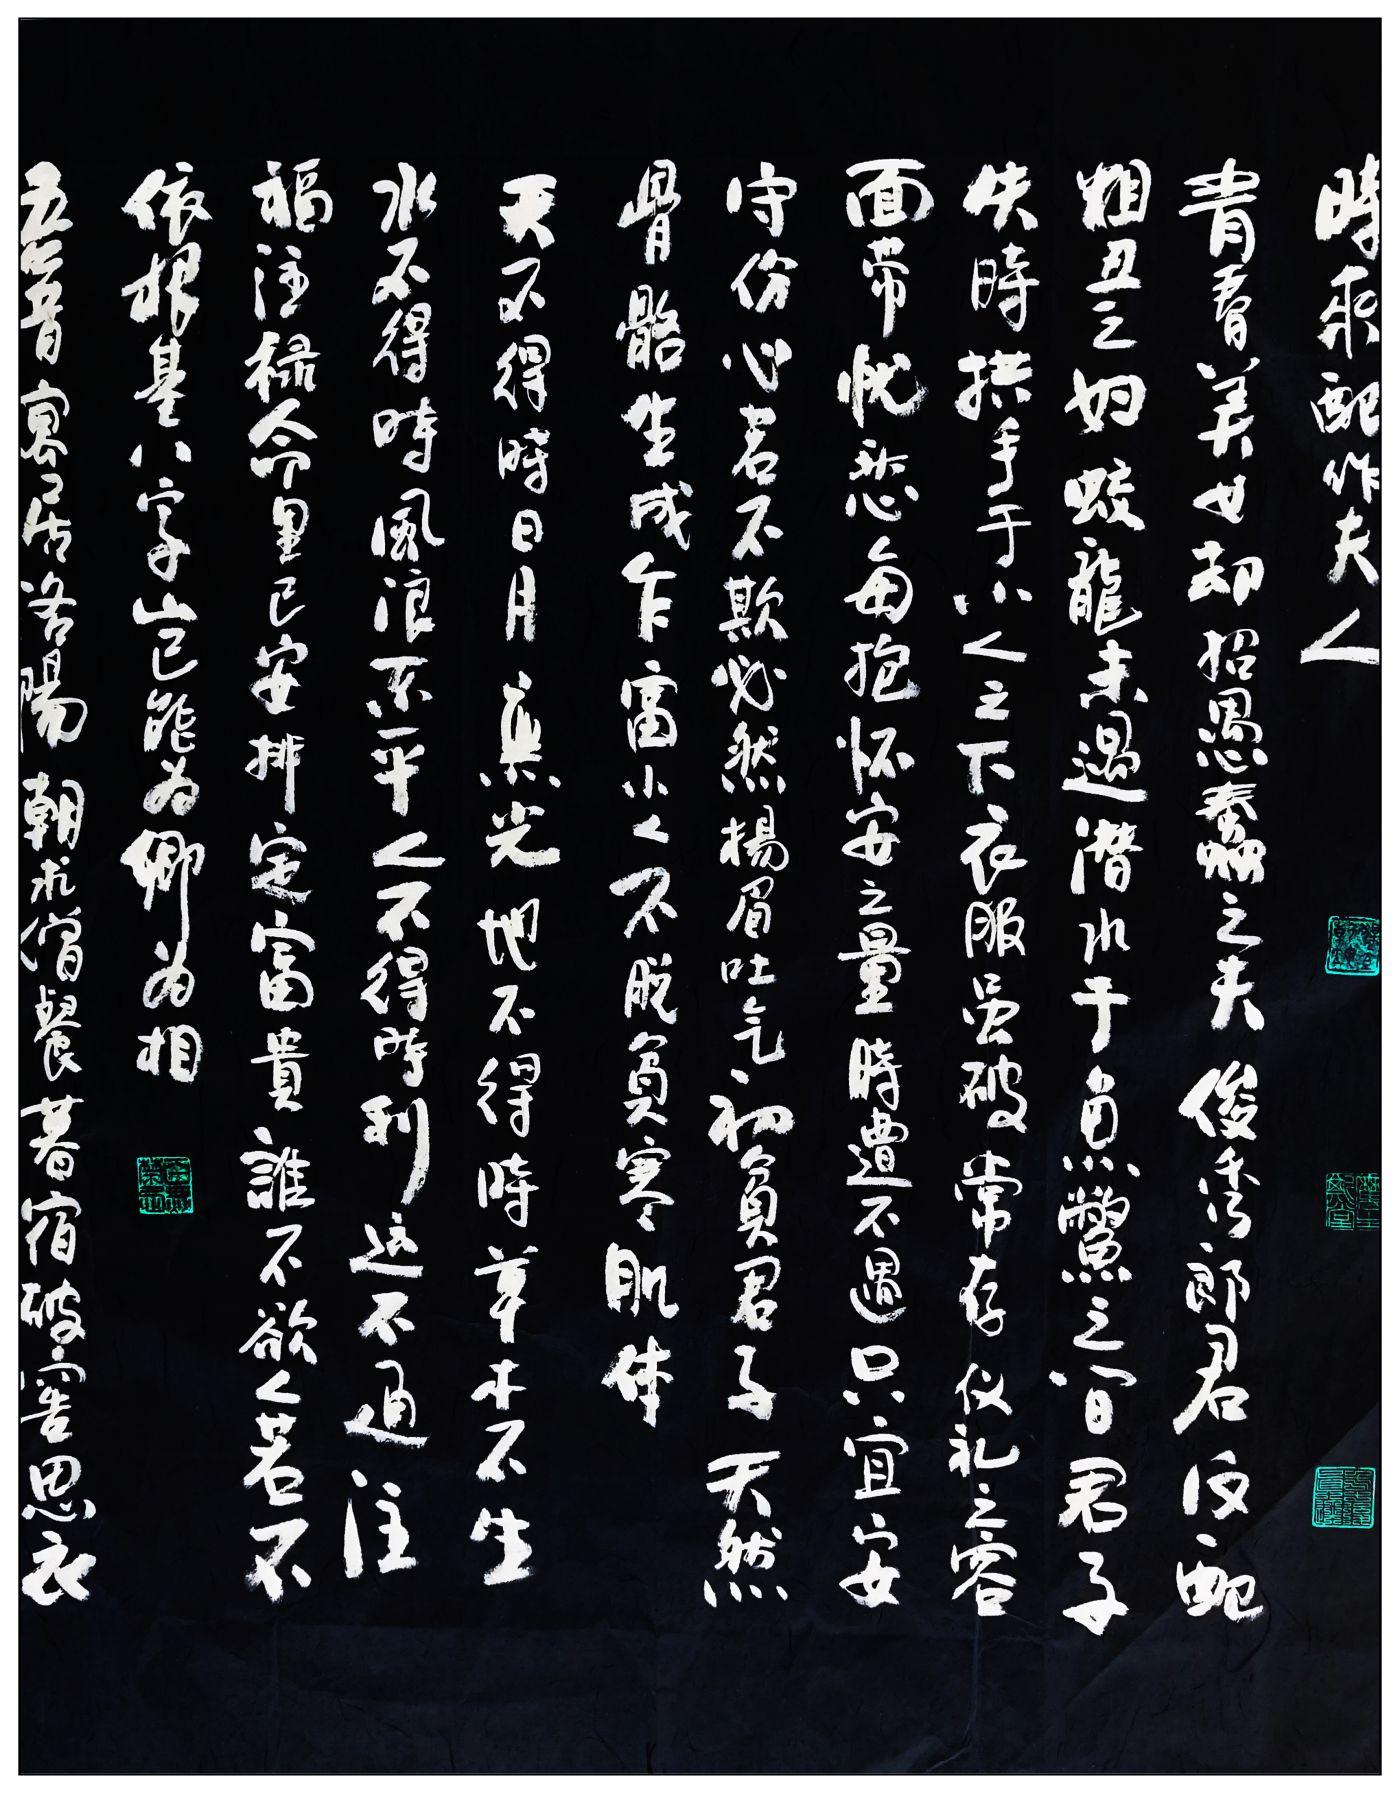 牛志高书法2021.04.16_图1-4